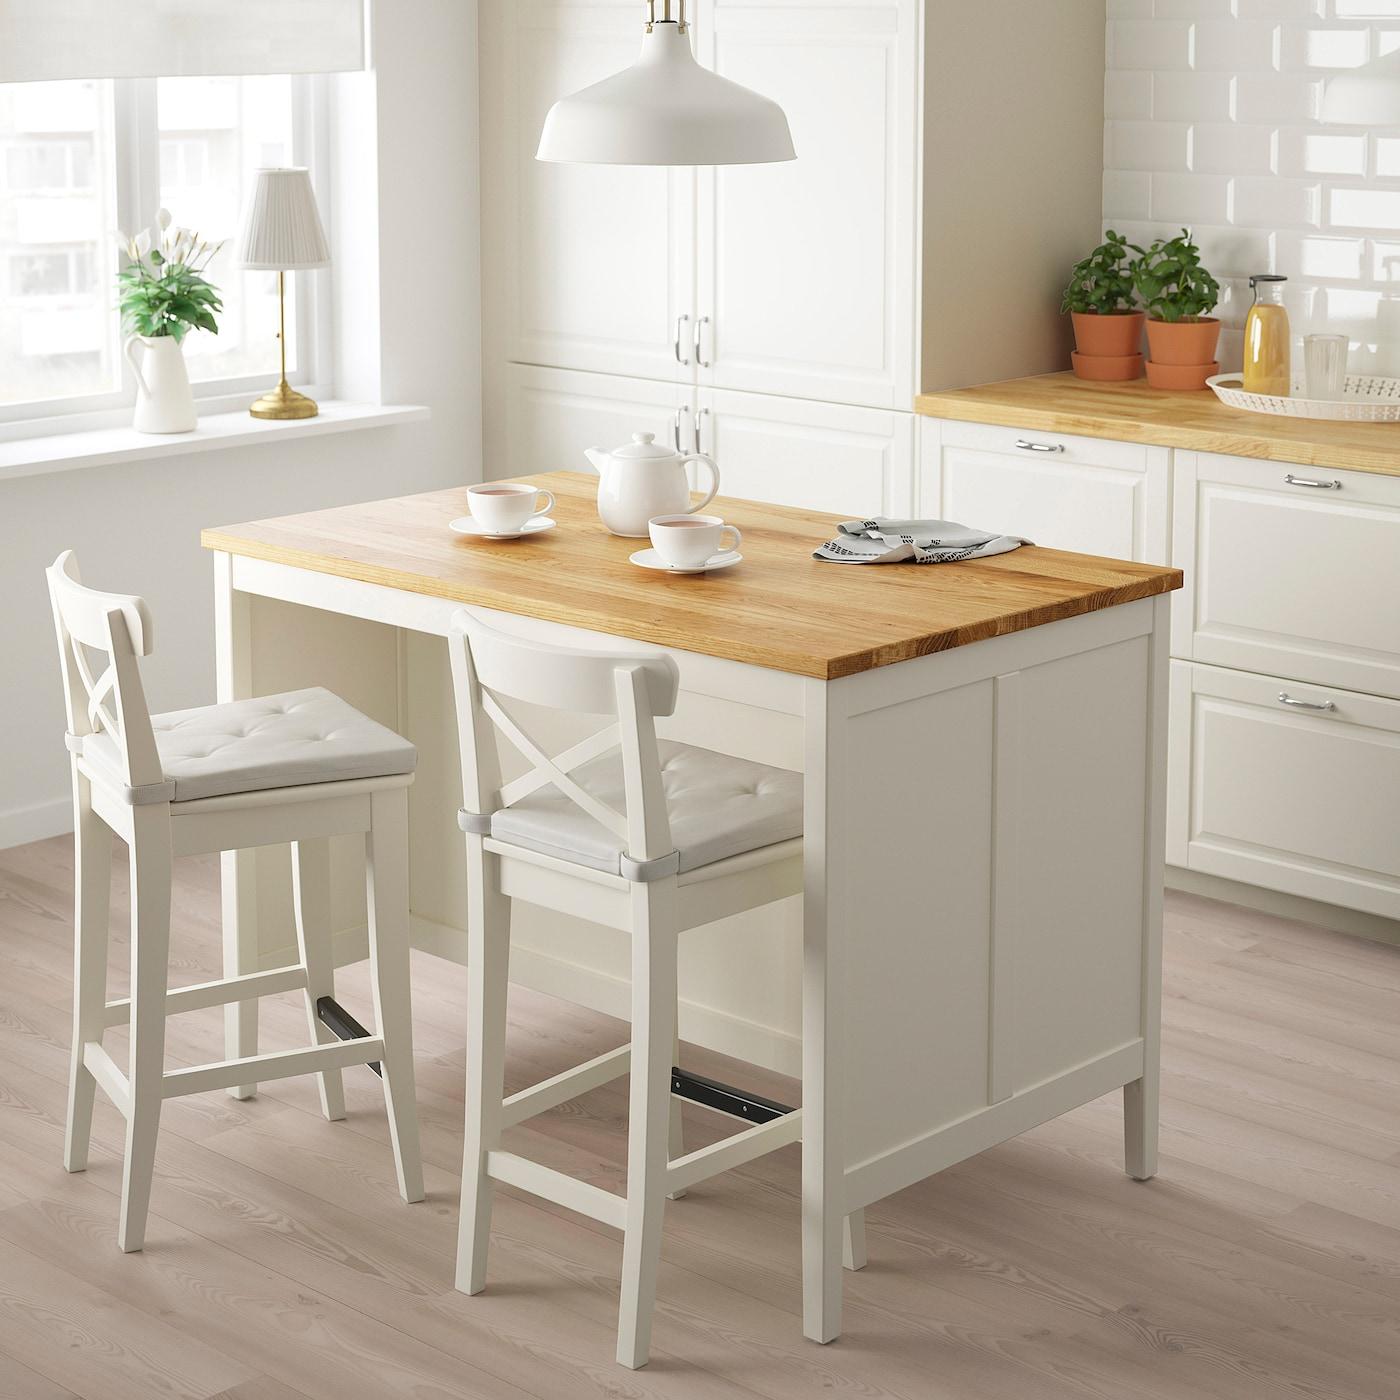 Full Size of Tornviken Kcheninsel Elfenbeinwei Ikea Sofa Mit Schlaffunktion Miniküche Modulküche Küche Kosten Betten 160x200 Bei Kaufen Wohnzimmer Kücheninsel Ikea